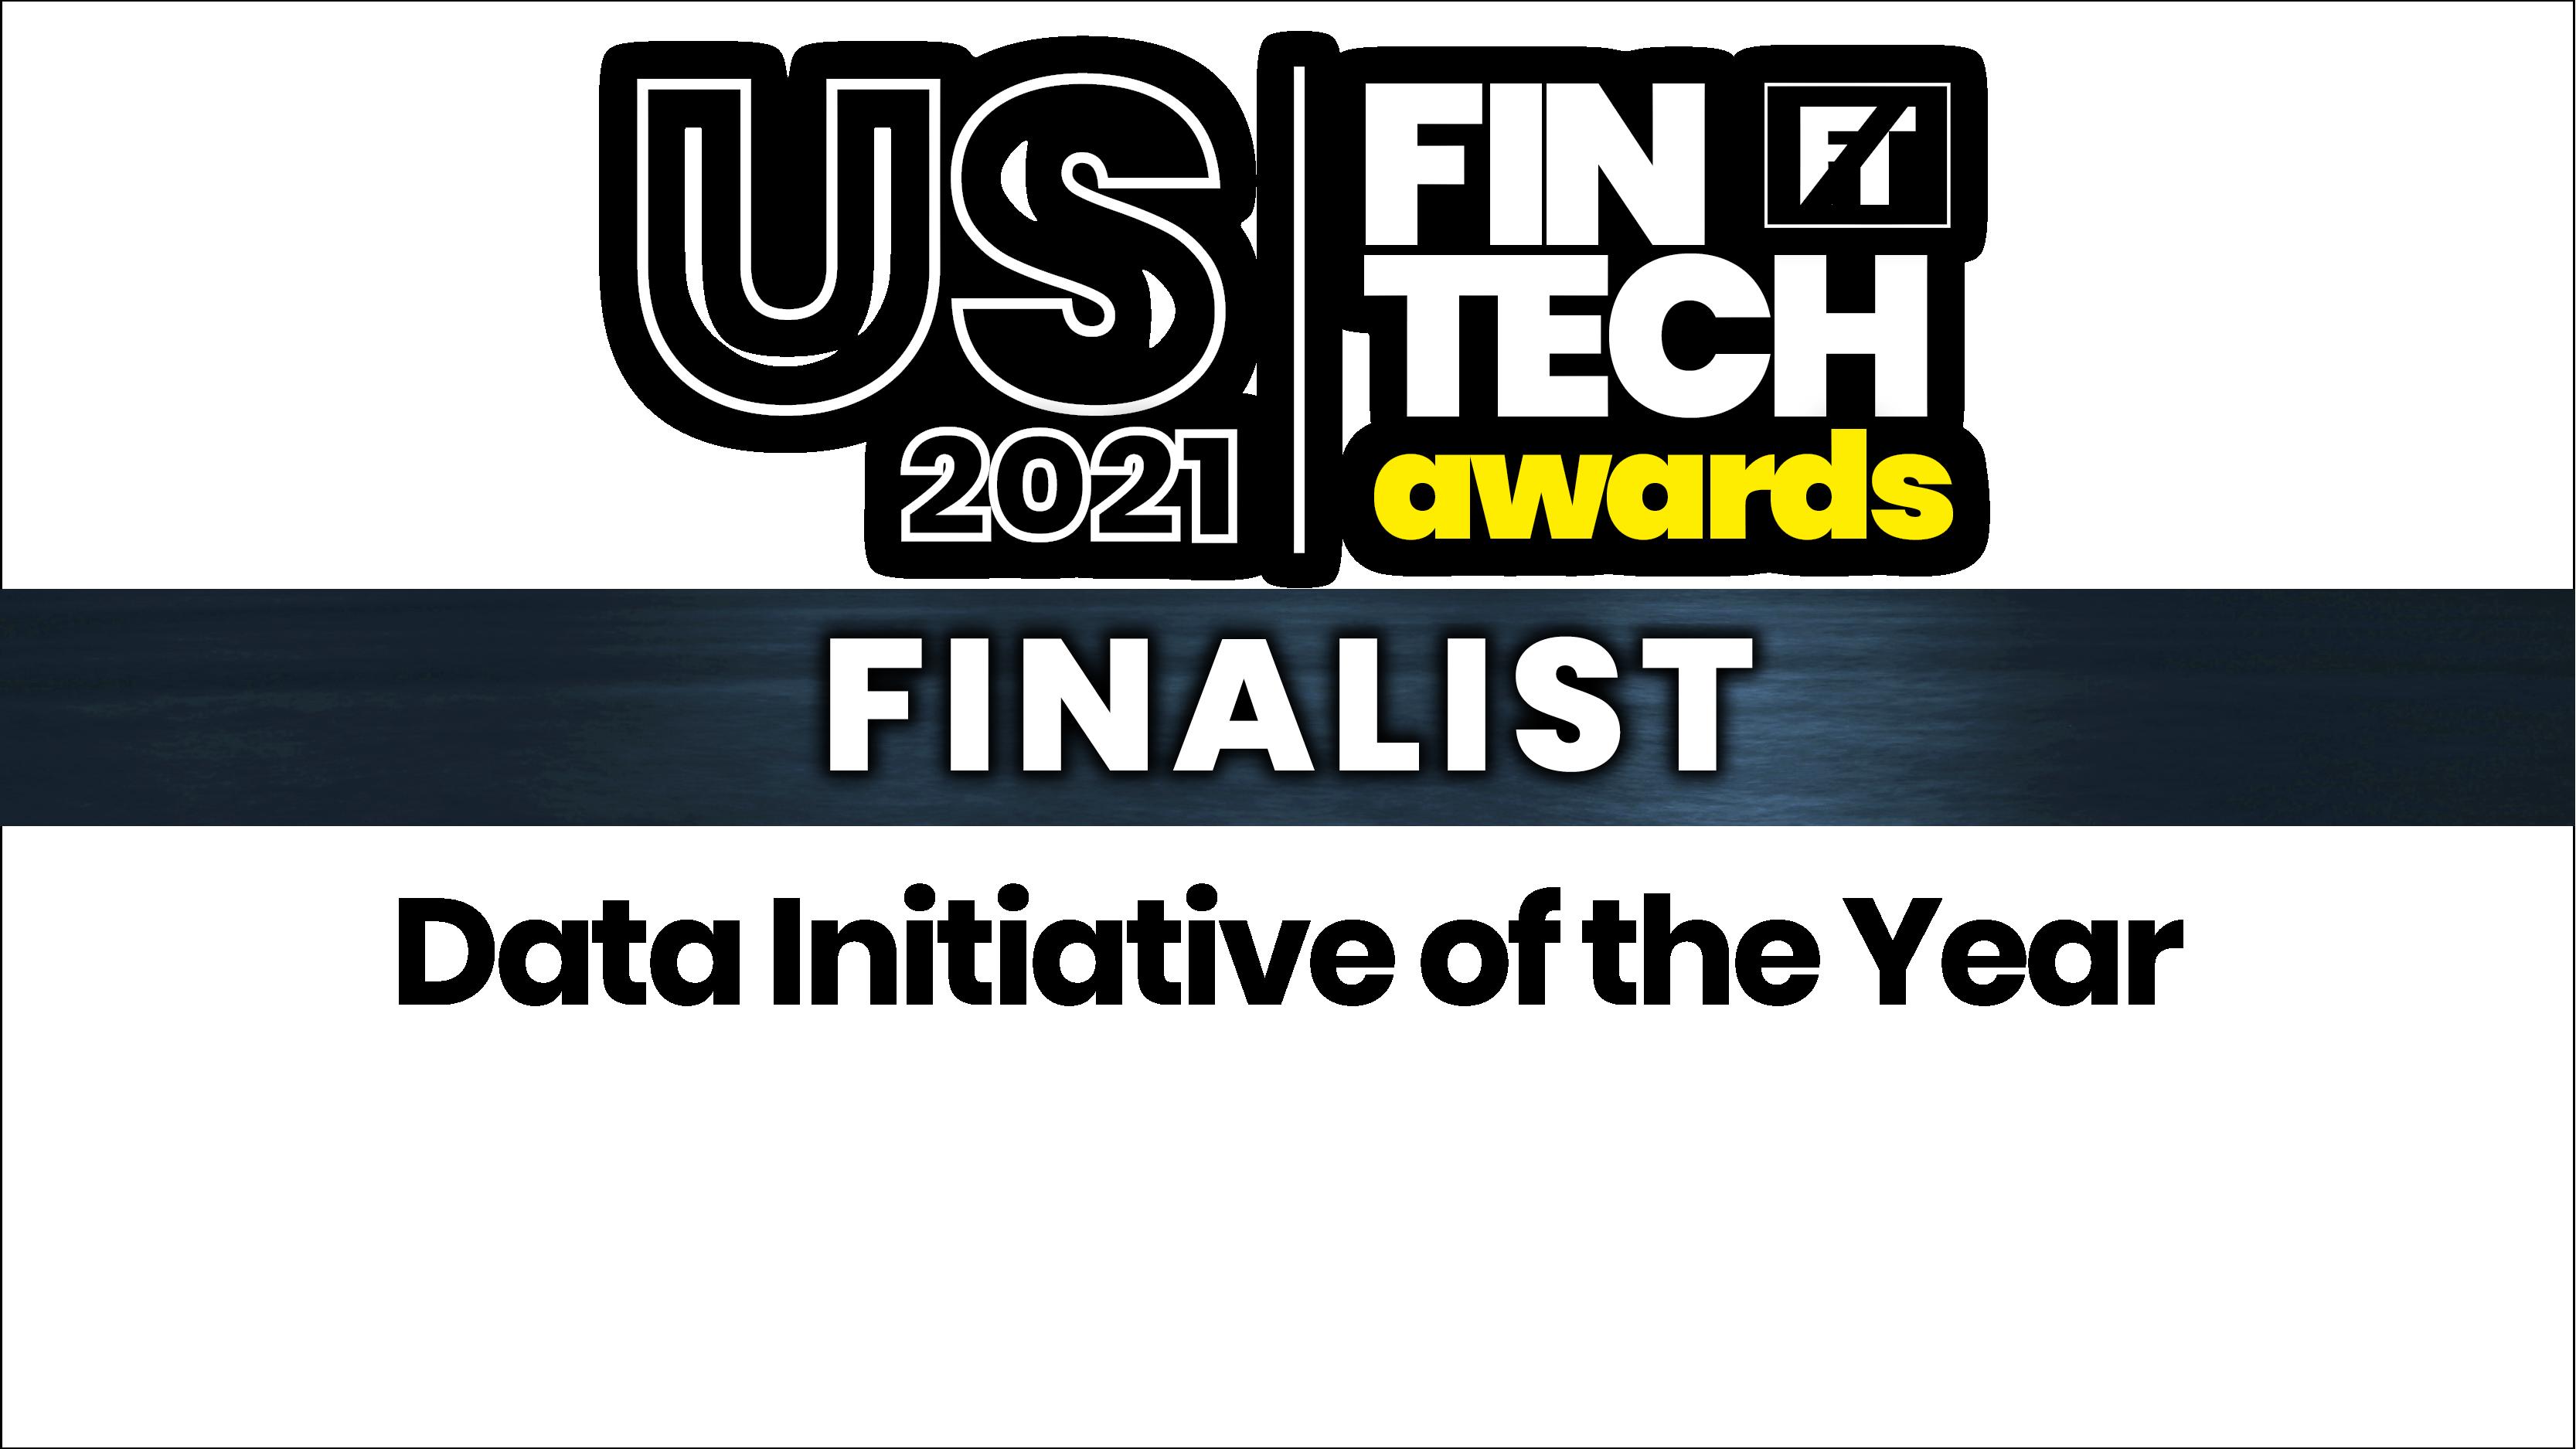 Xignite Wins US Fintech Award